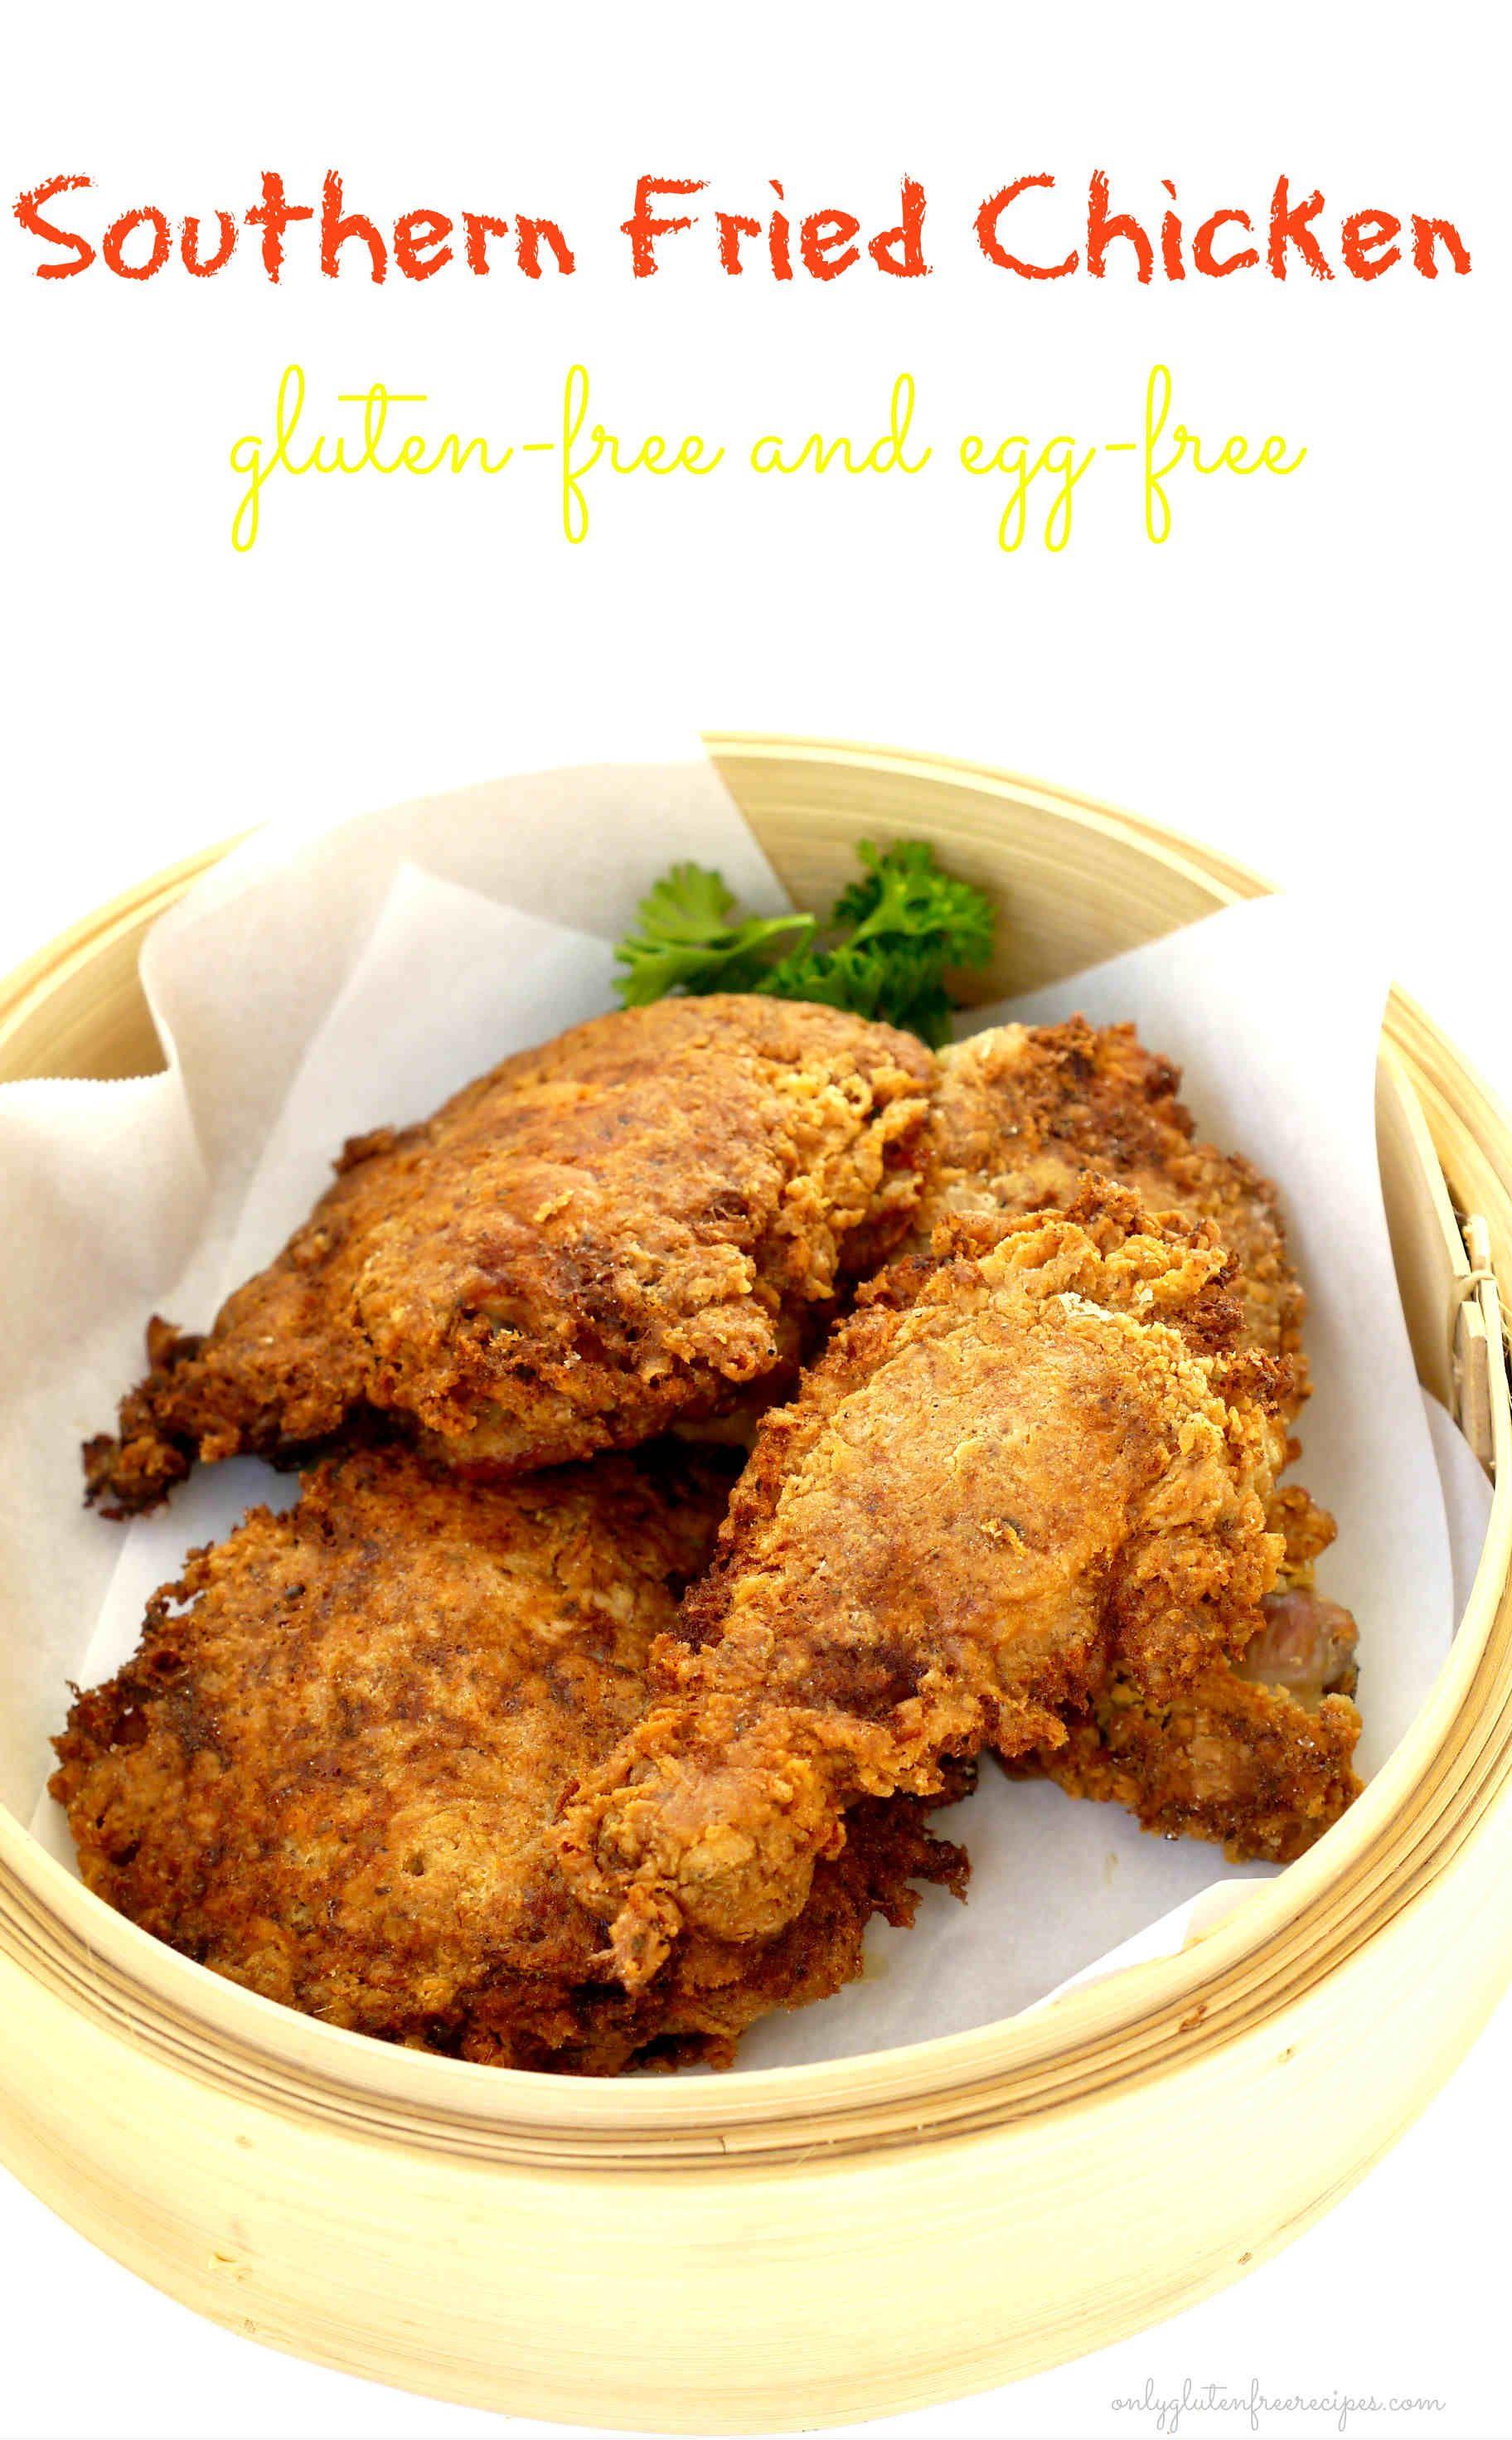 Gluten-Free Southern Fried Chicken Gluten-Free Southern Fried Chicken Gluten Free Recipes gluten free fried chicken